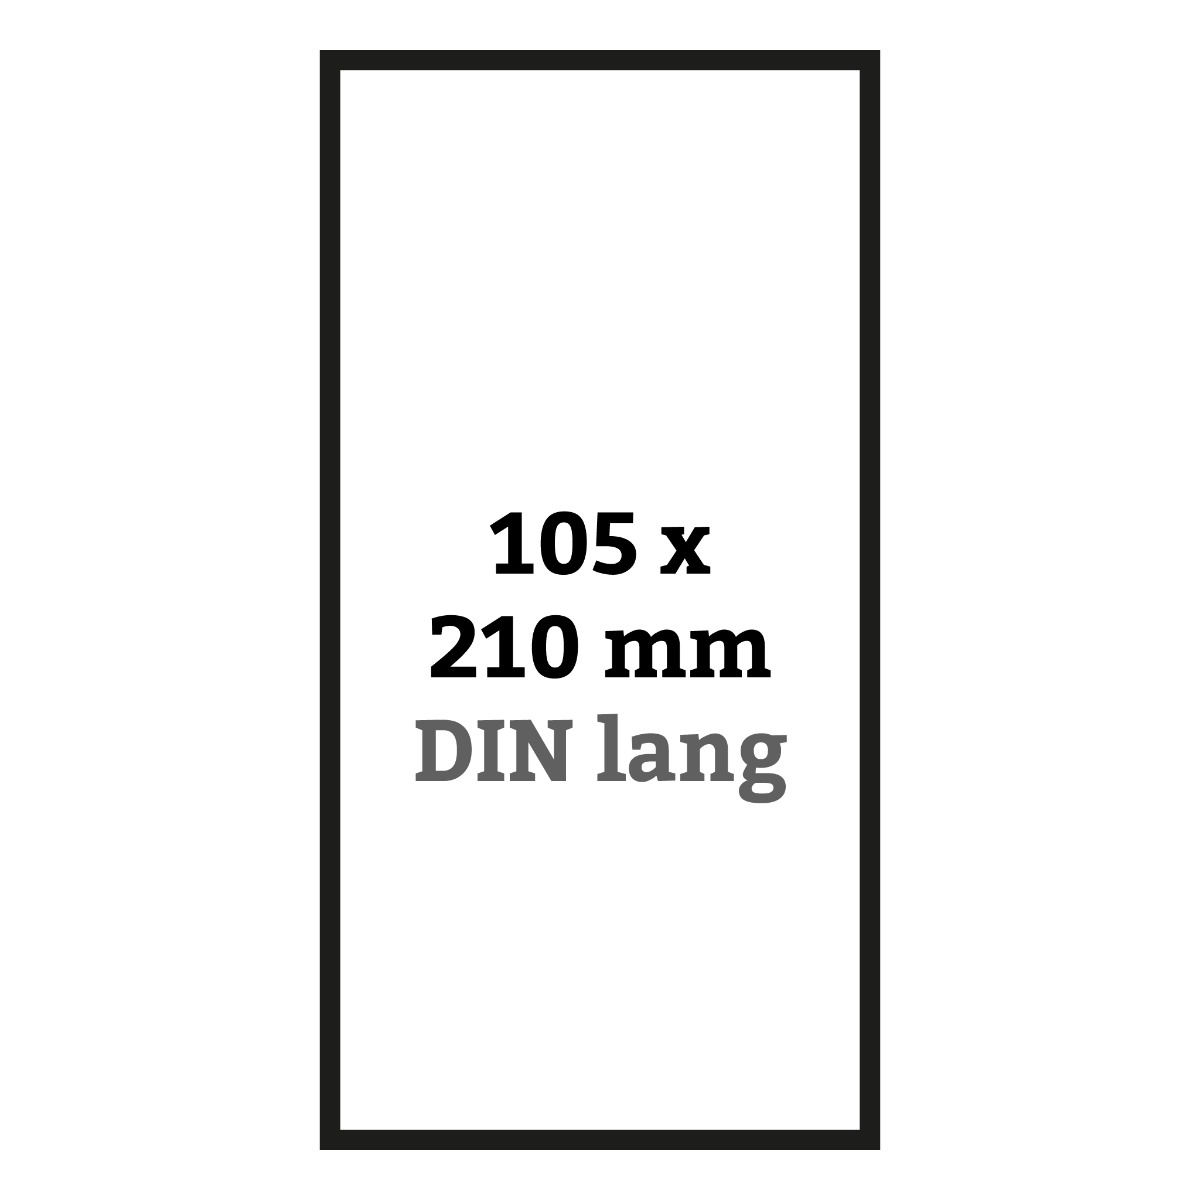 DIN lang 105 x 210 mm